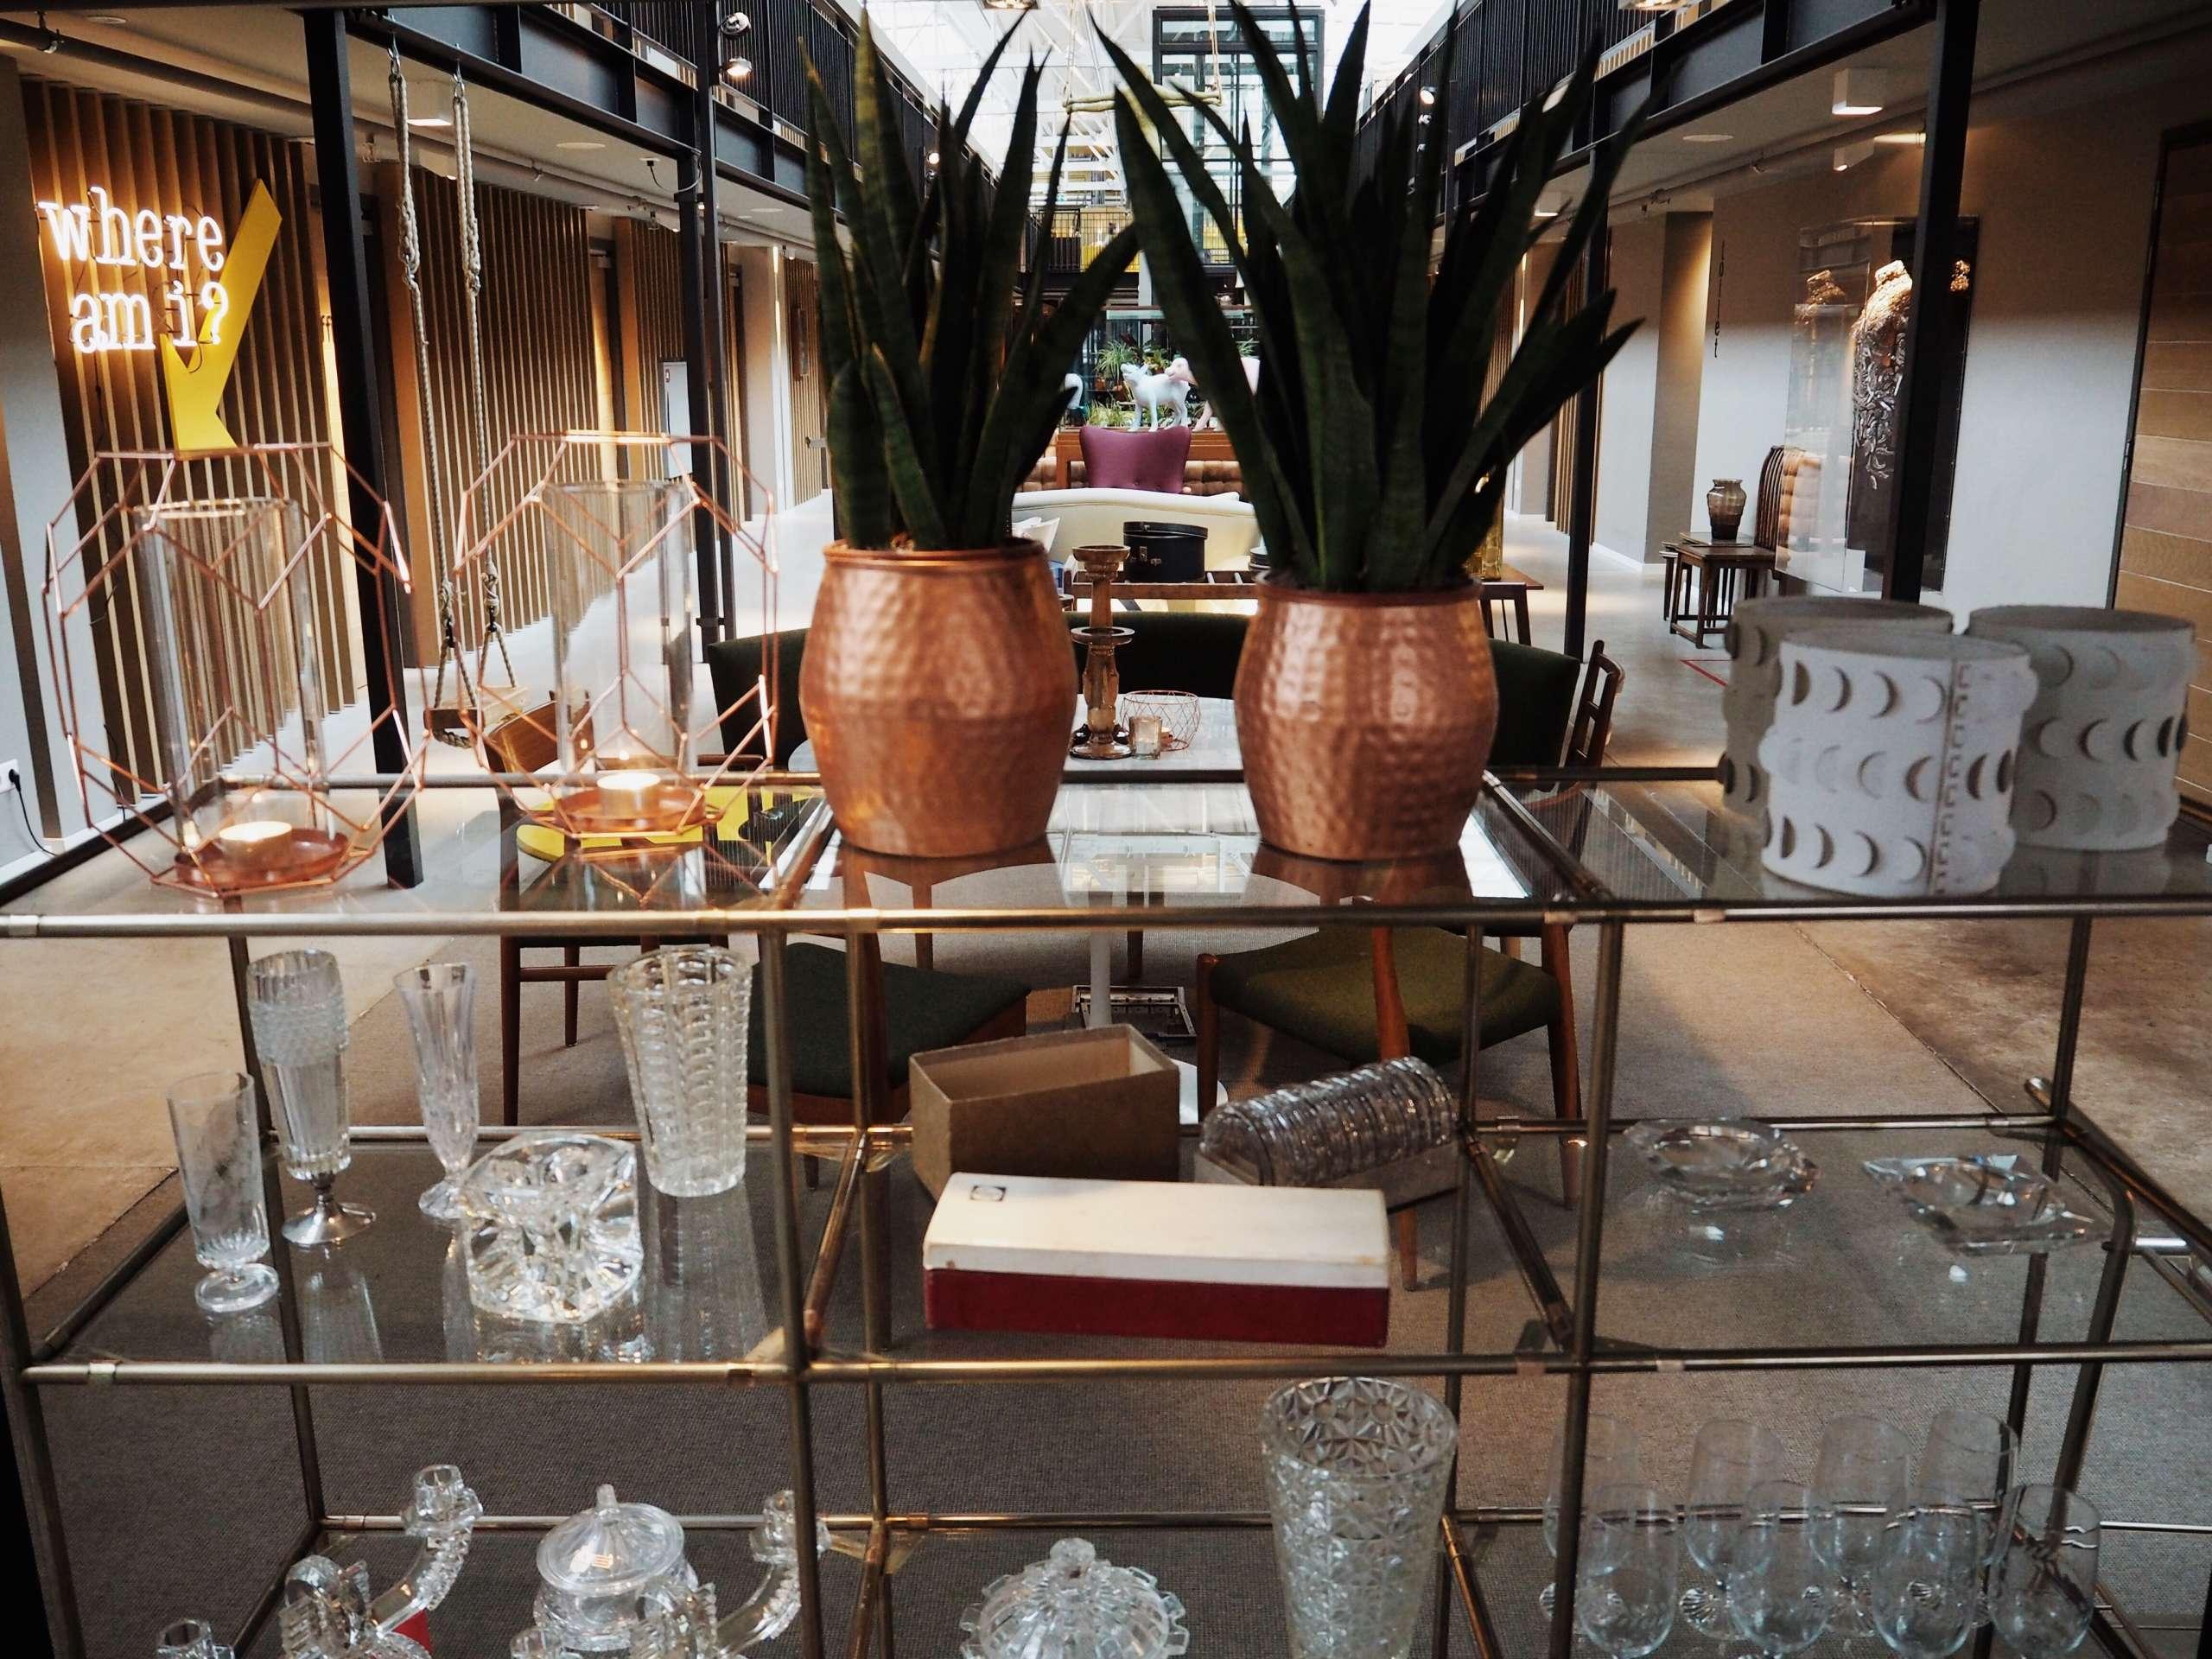 amsterdam-restaurant-remise47-dehallen-interior-scandinavian